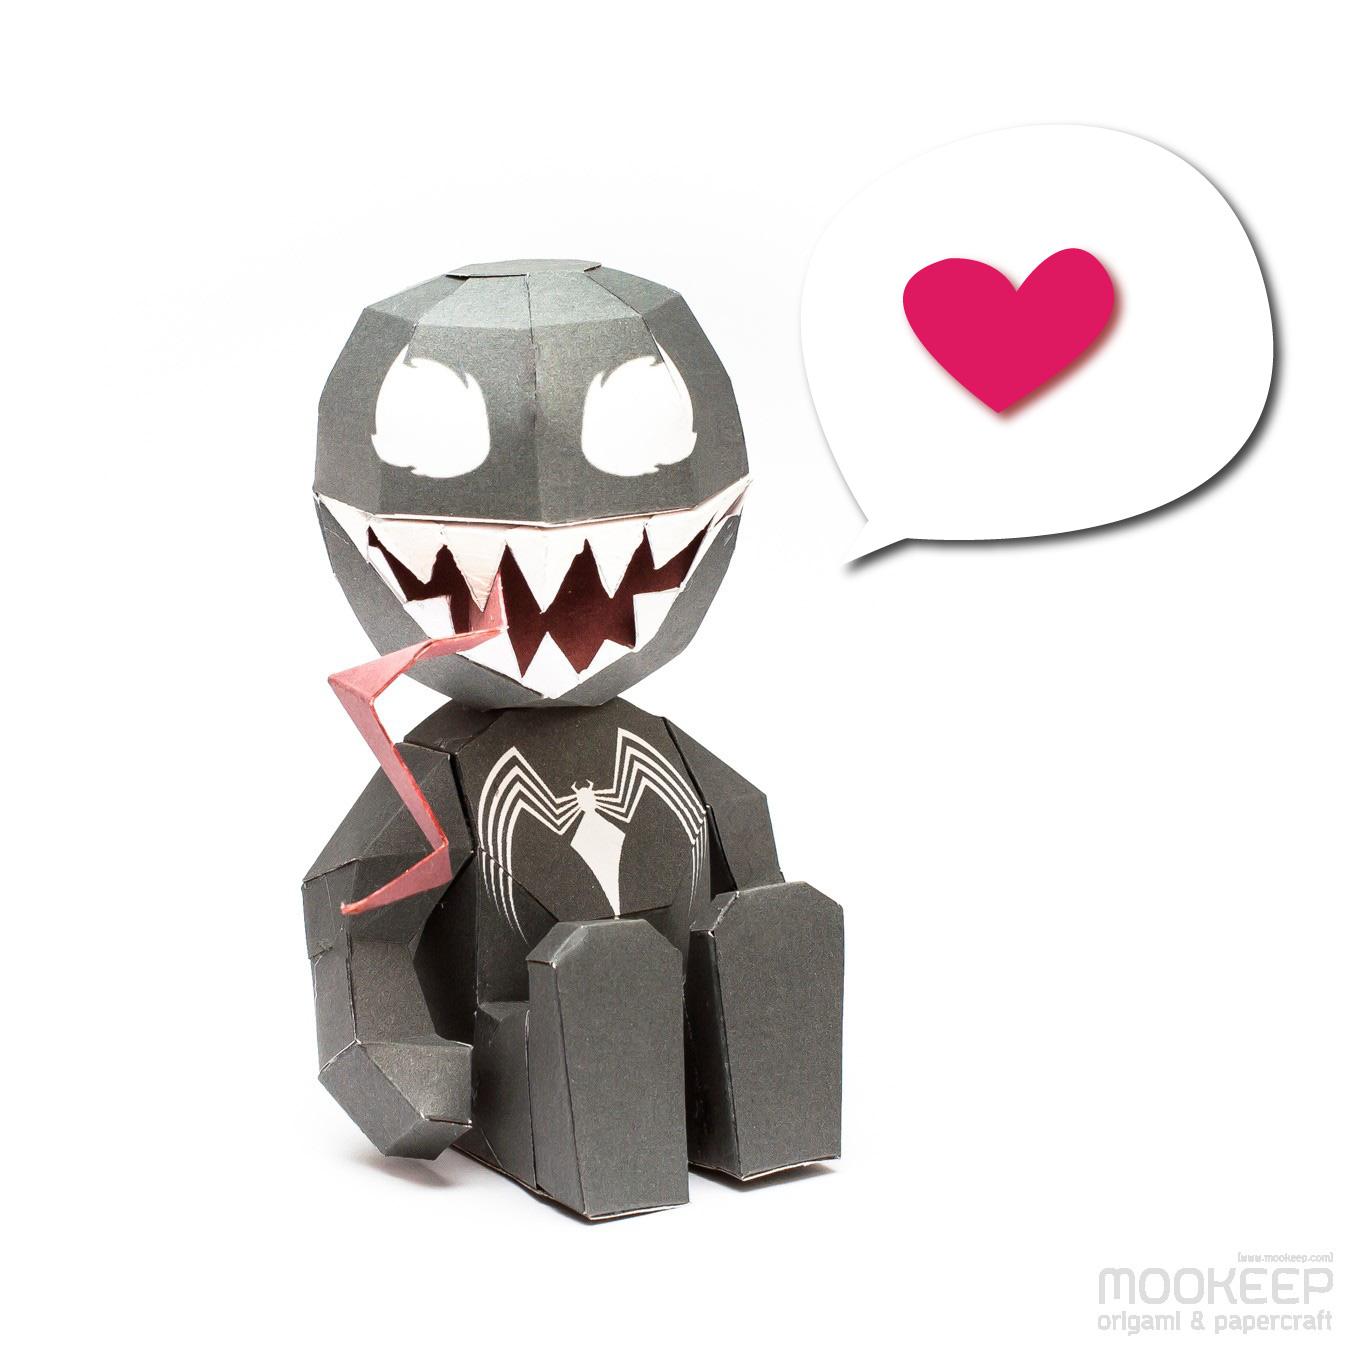 วิธีทำของเล่นโมเดลกระดาษสไปเดอร์แมน (Spiderman Papercraft Model) 009